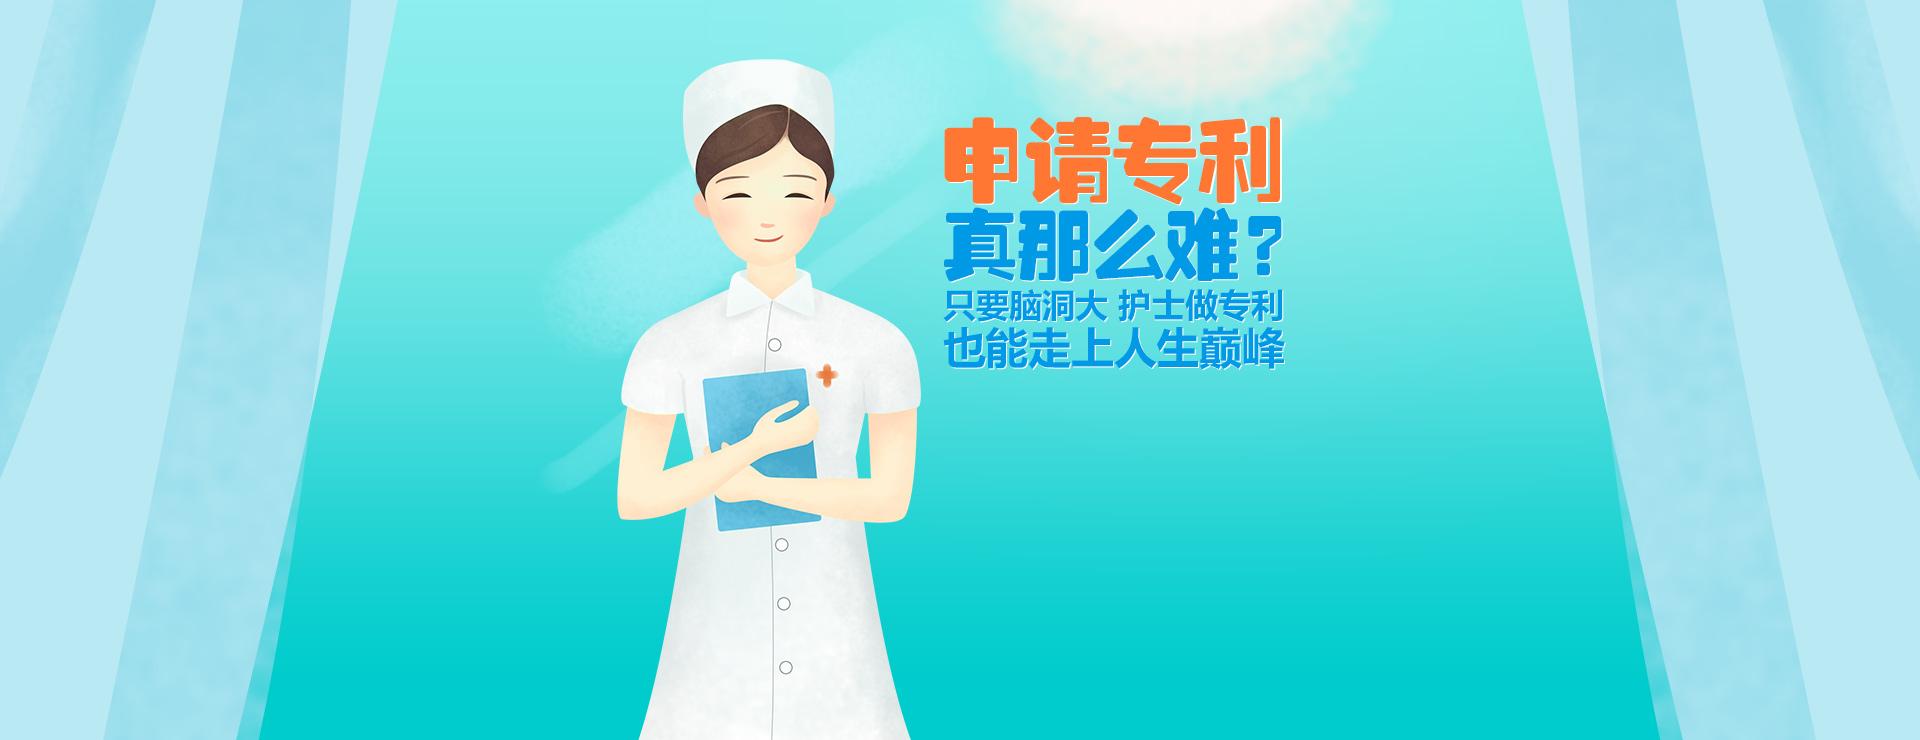 护士申请专利